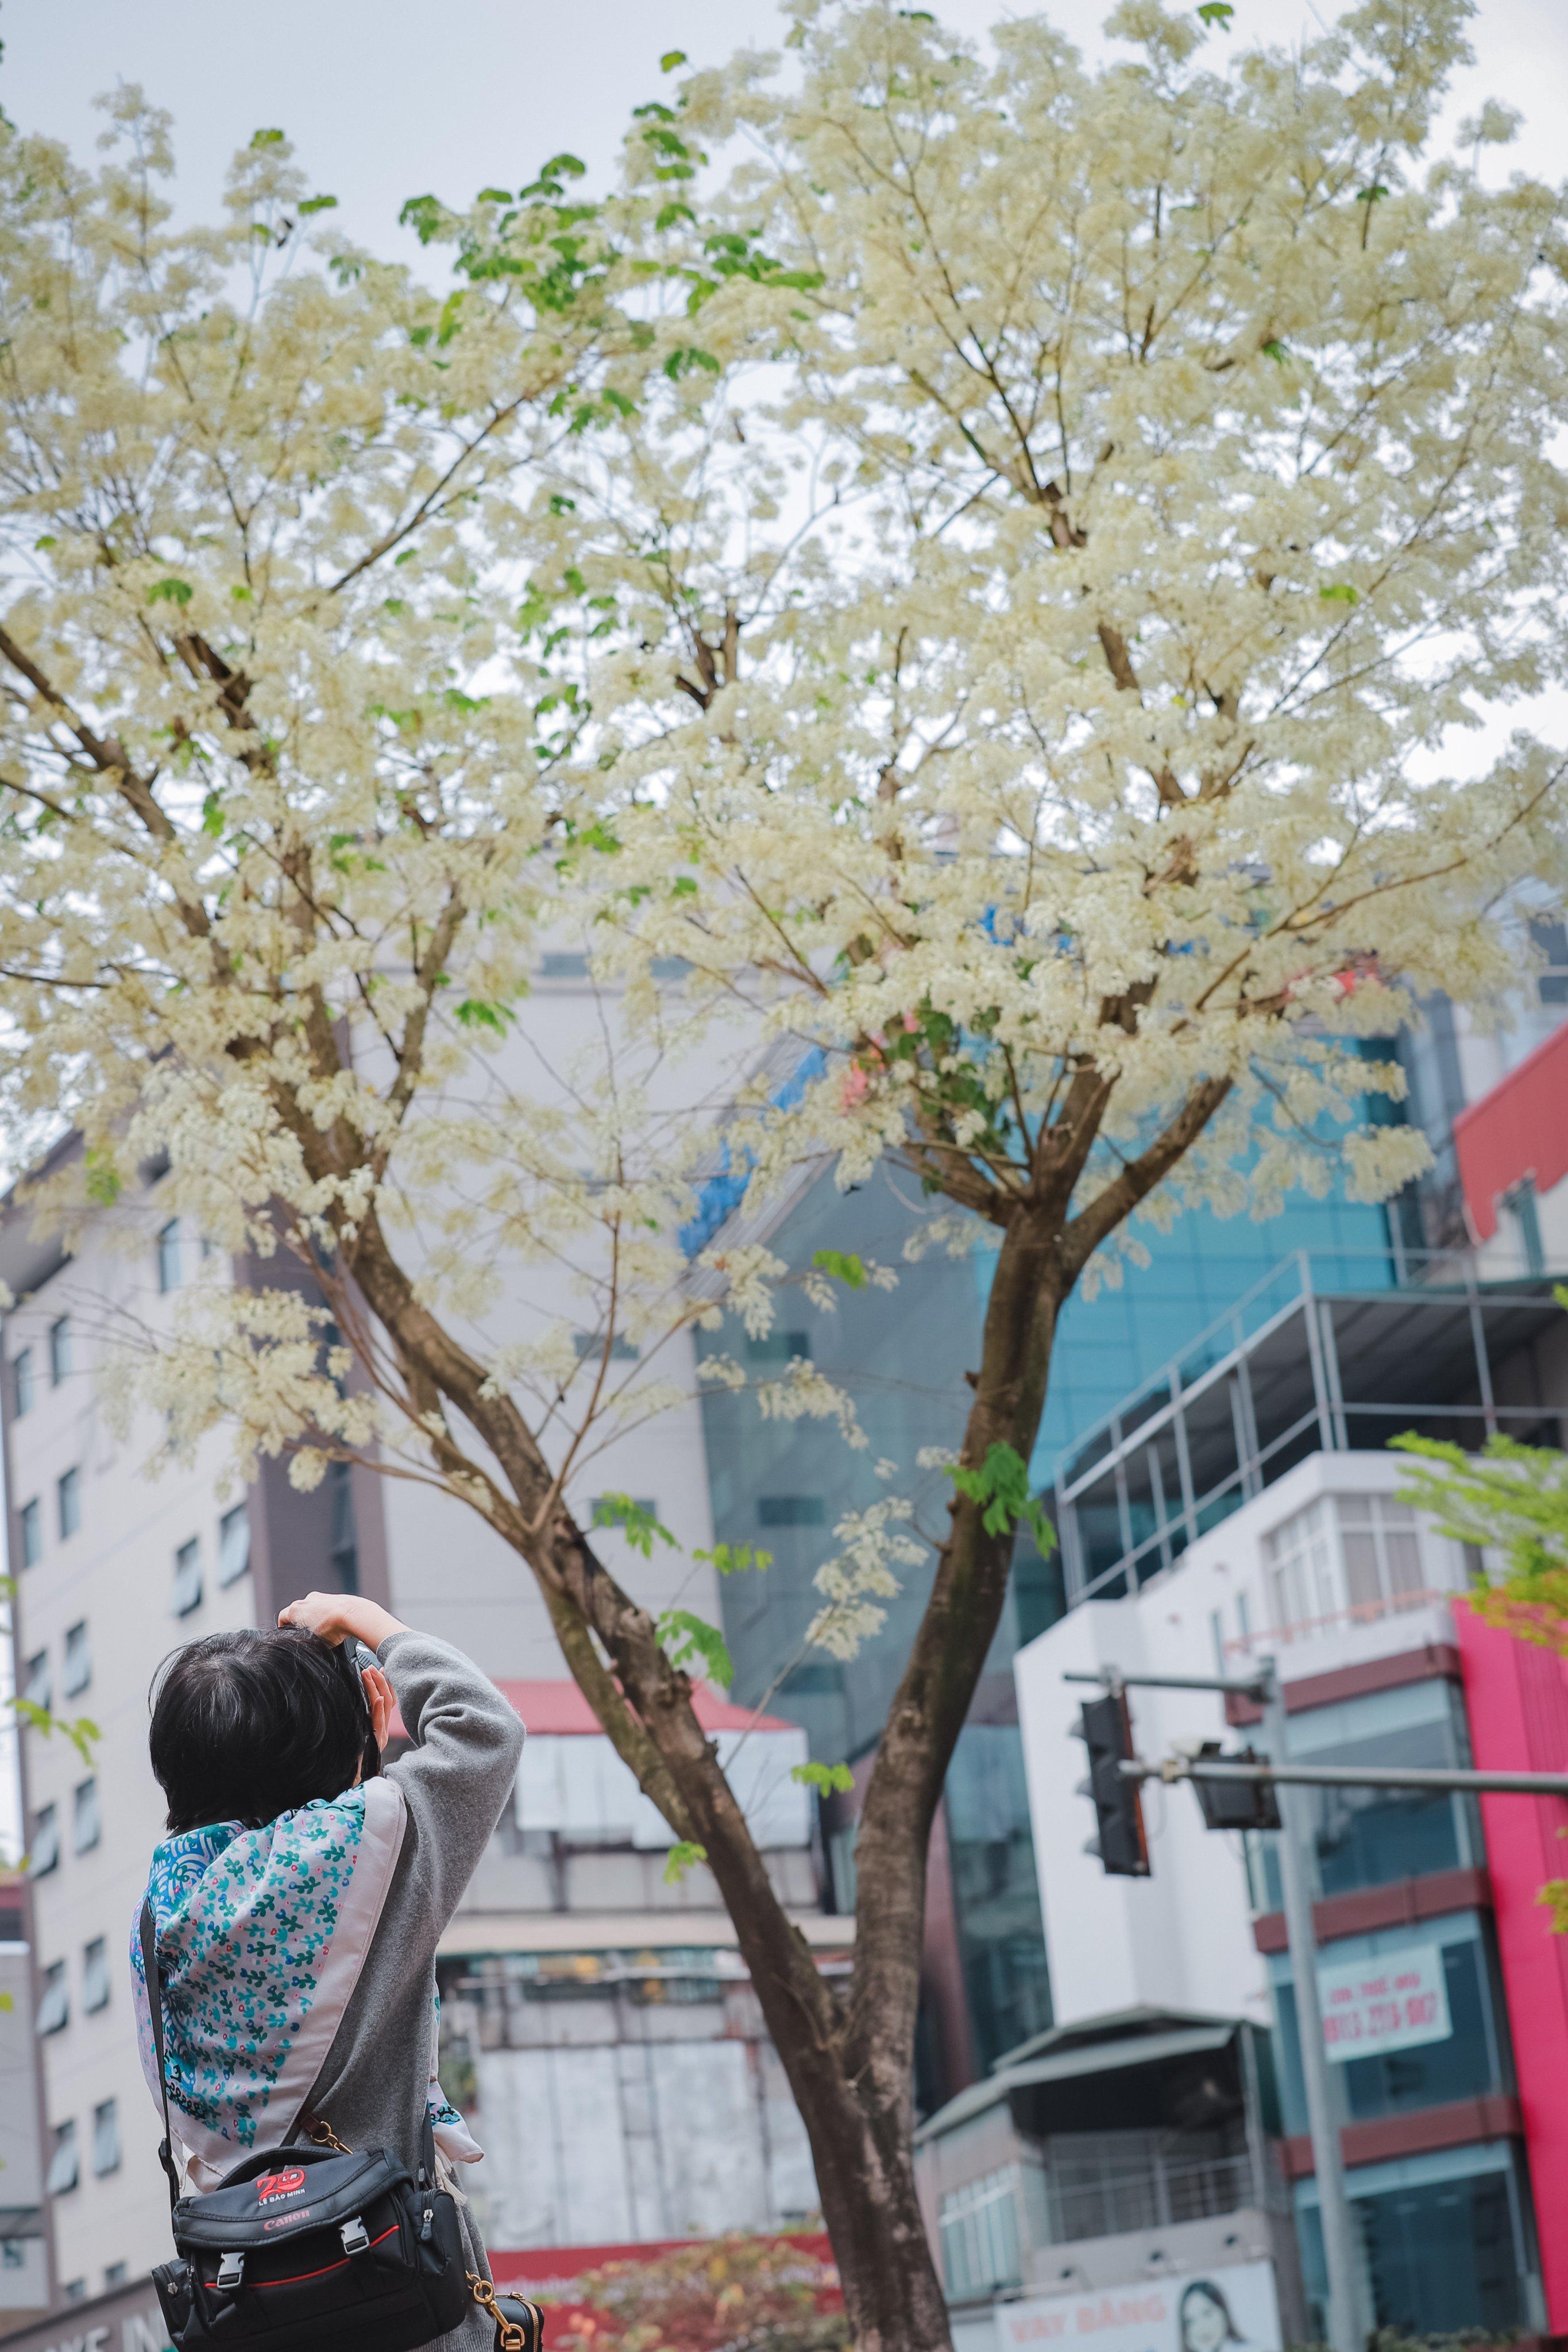 Hà Nội đẹp dịu dàng giữa màu trắng hoa Sưa  - Ảnh 9